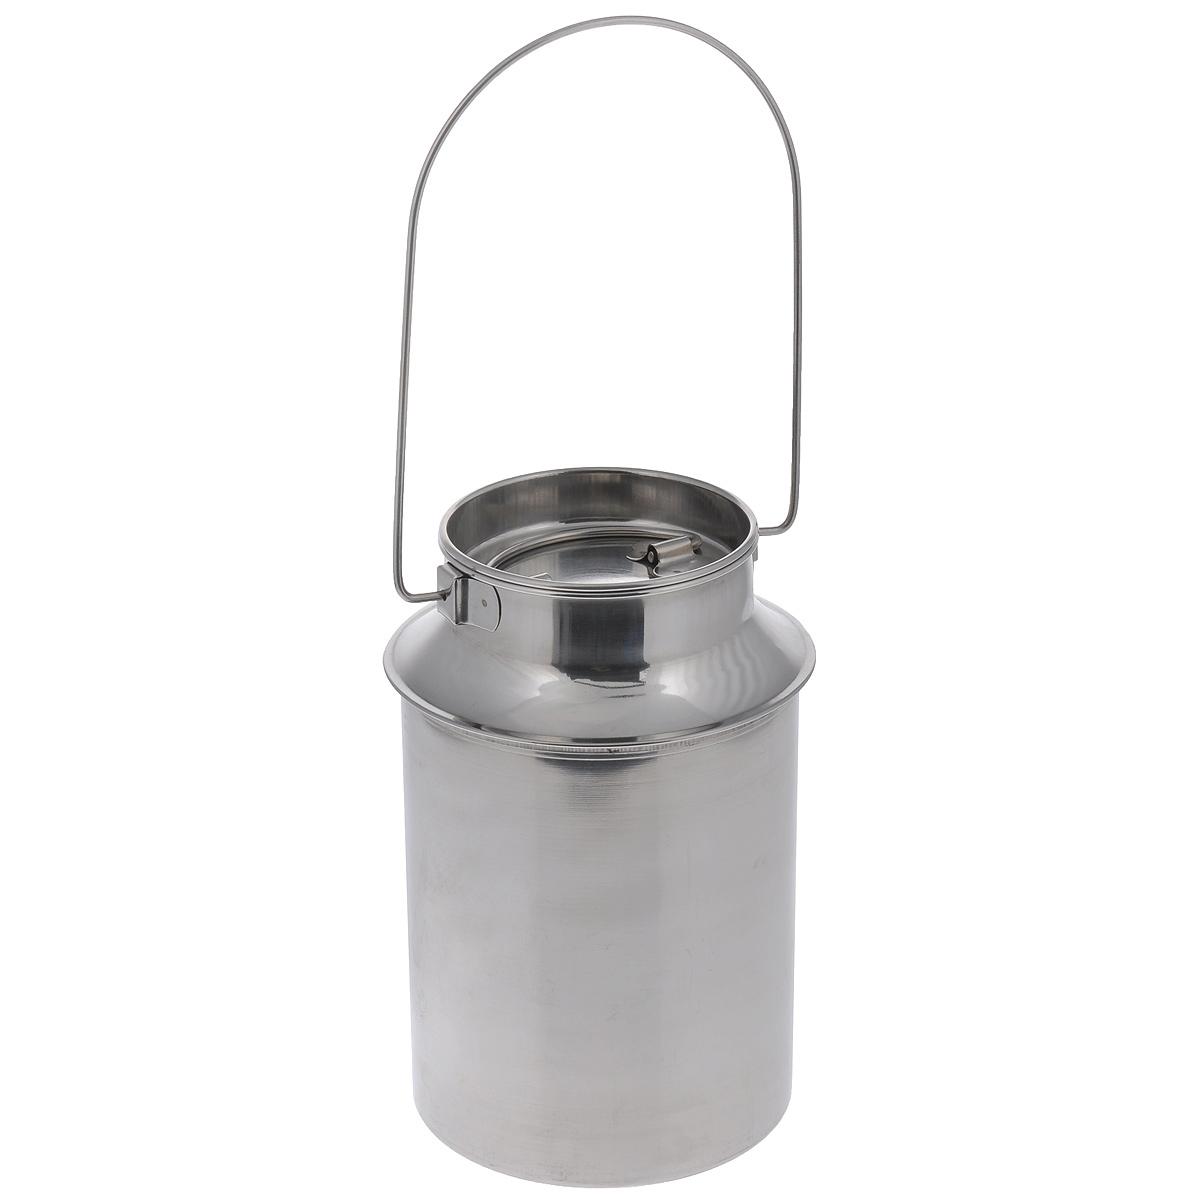 Бидон Padia, 3 л. 6100-226100-22Бидон Padia предназначен для хранения и переноски пищевых продуктов, таких как молоко, вода и т.д. Изделие выполнено из высококачественной нержавеющей стали. Бидон оснащен ручкой для удобной переноски и крышкой.Бидон Padia станет незаменимым аксессуаром на вашей кухне.Объем: 3 л. Высота бидона (без учета ручки): 24 см. Диаметр дна: 16,5 см. Диаметр (по верхнему краю): 12,5 см.